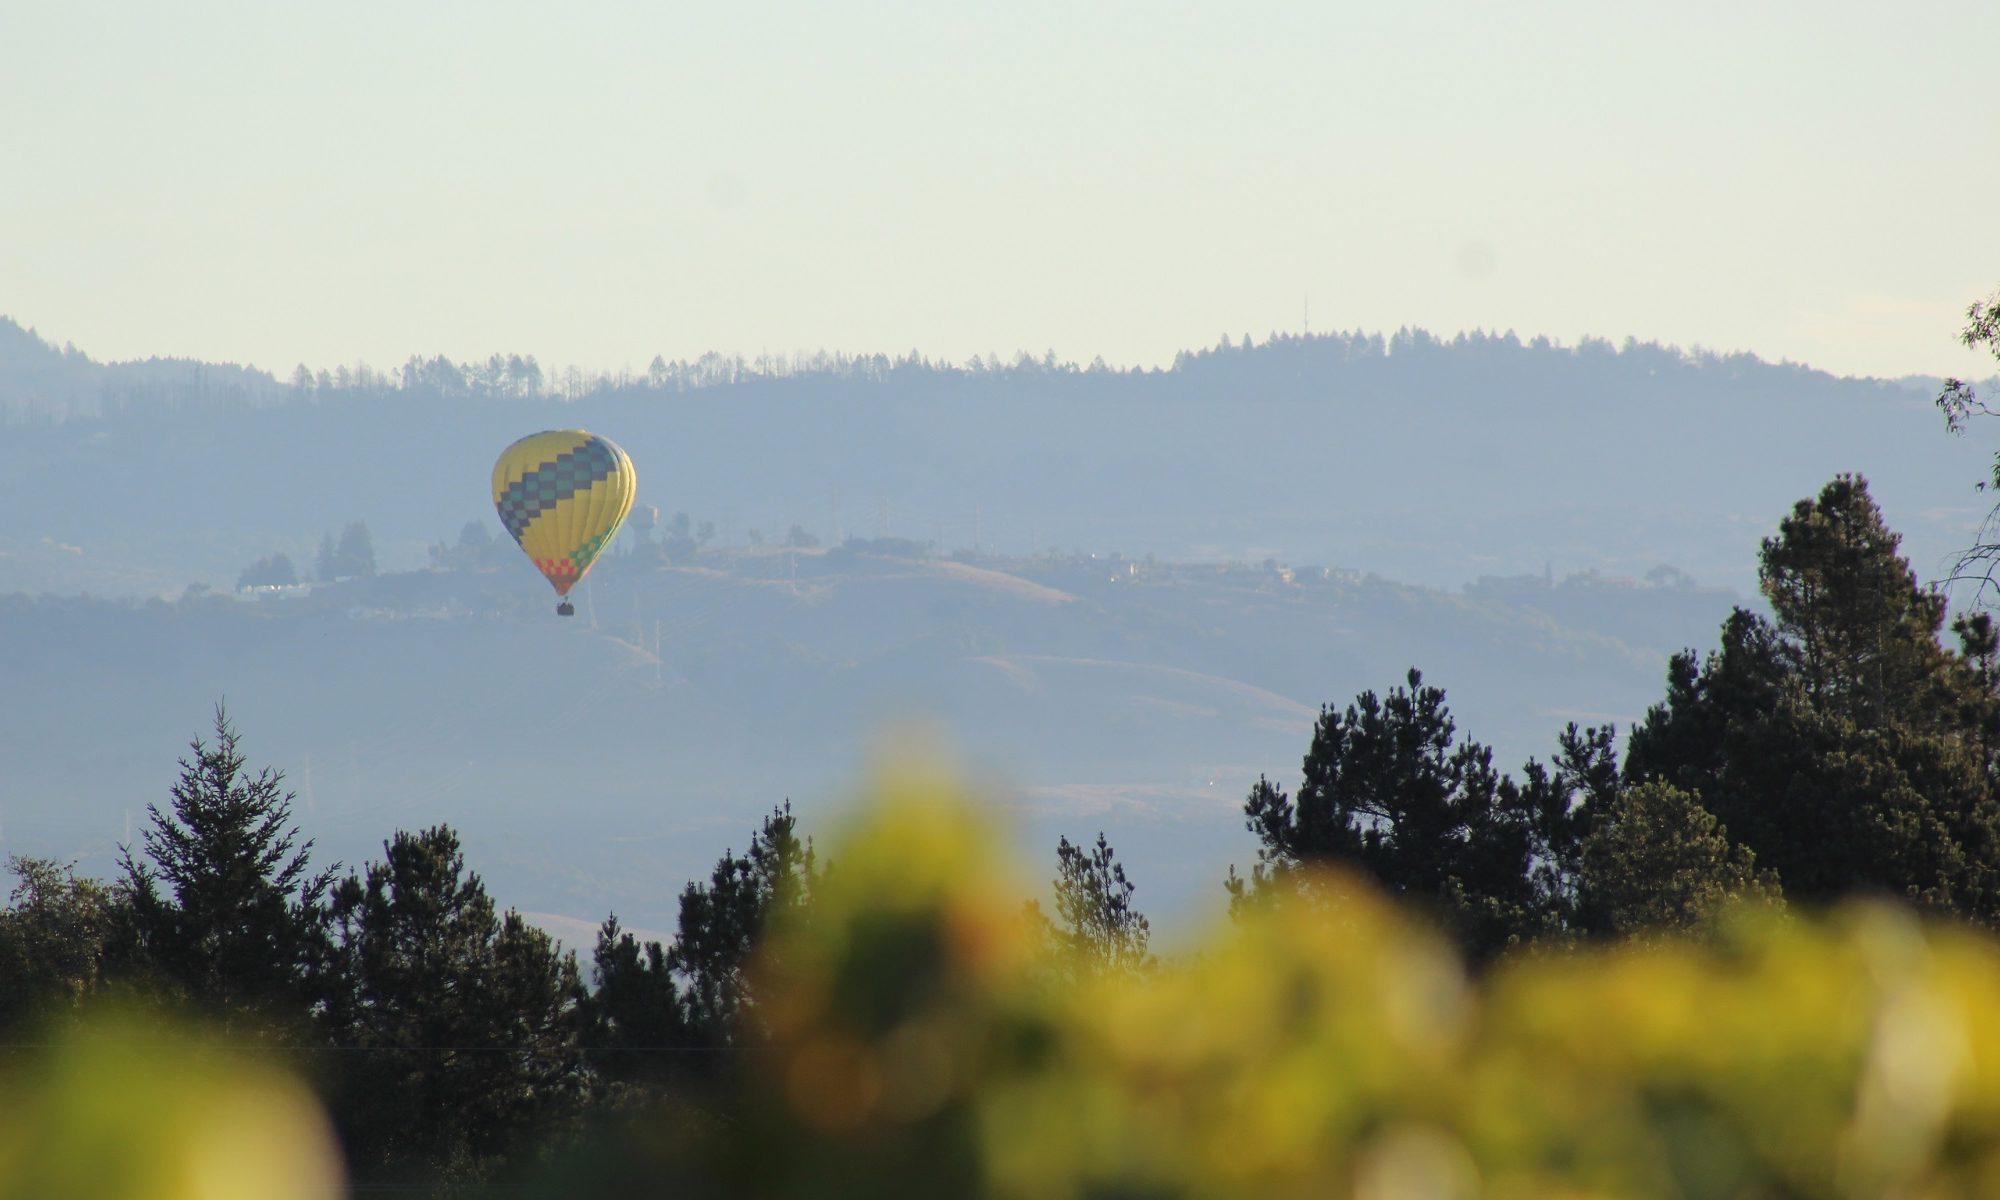 Balloon over Sonoma County